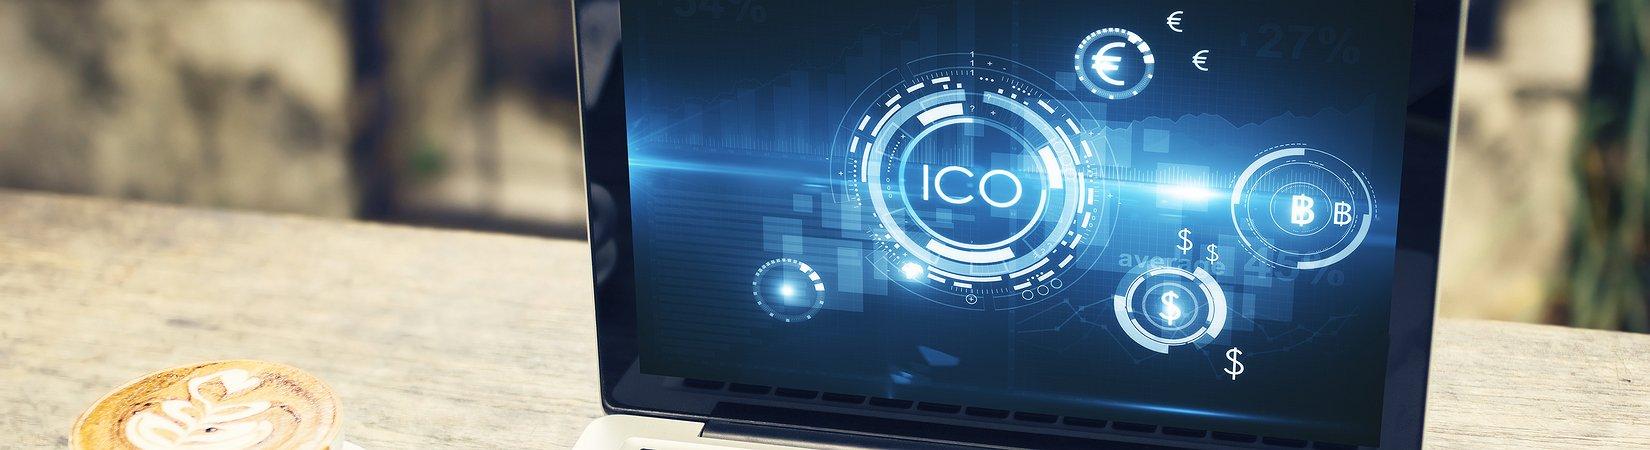 Come proteggersi dalle Ico fraudolente